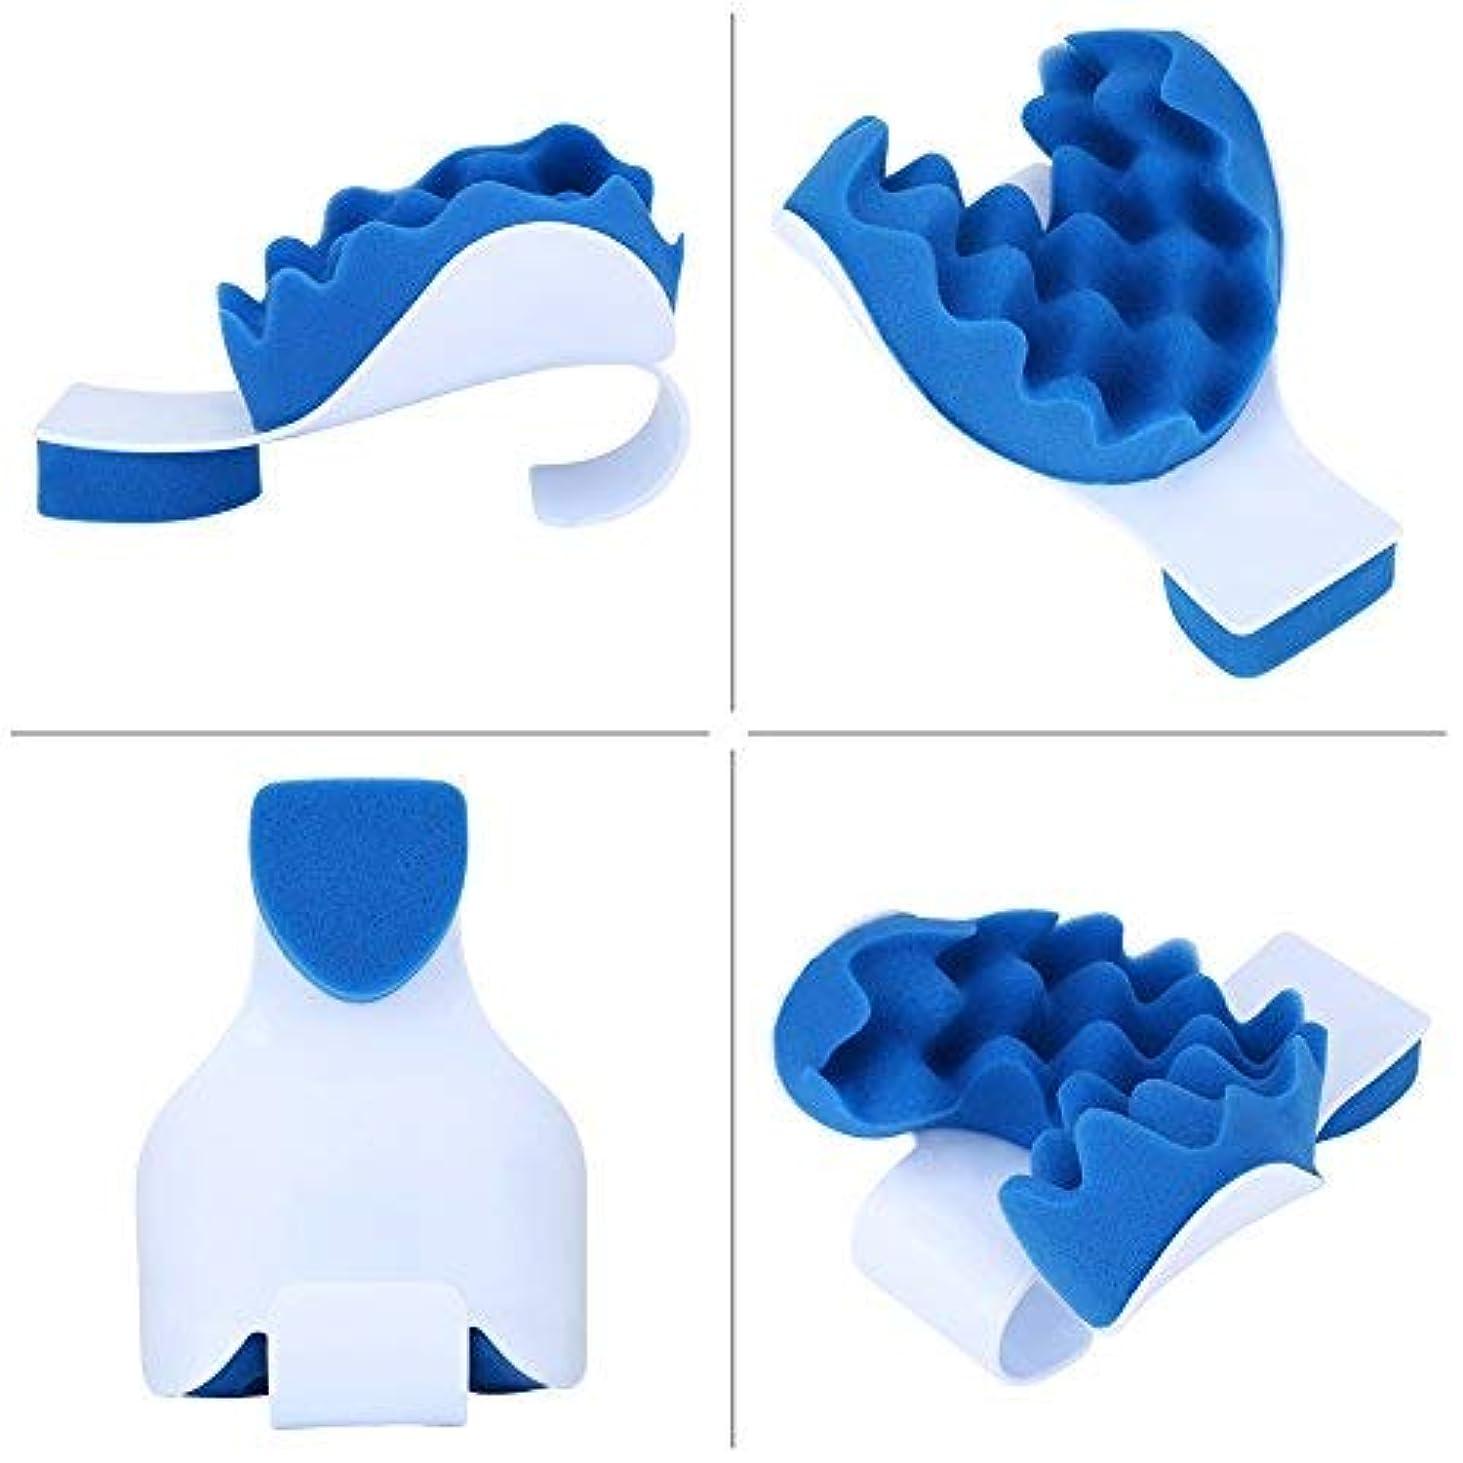 かんがい意味のあるスクラップネックピロー 高弾性スポンジピロー 首/肩疲労の解消 リラクス マッサージ 肩こり 首こり 改善 携帯枕 人間工学 小型 軽量 車載旅行 オフィス 自宅用